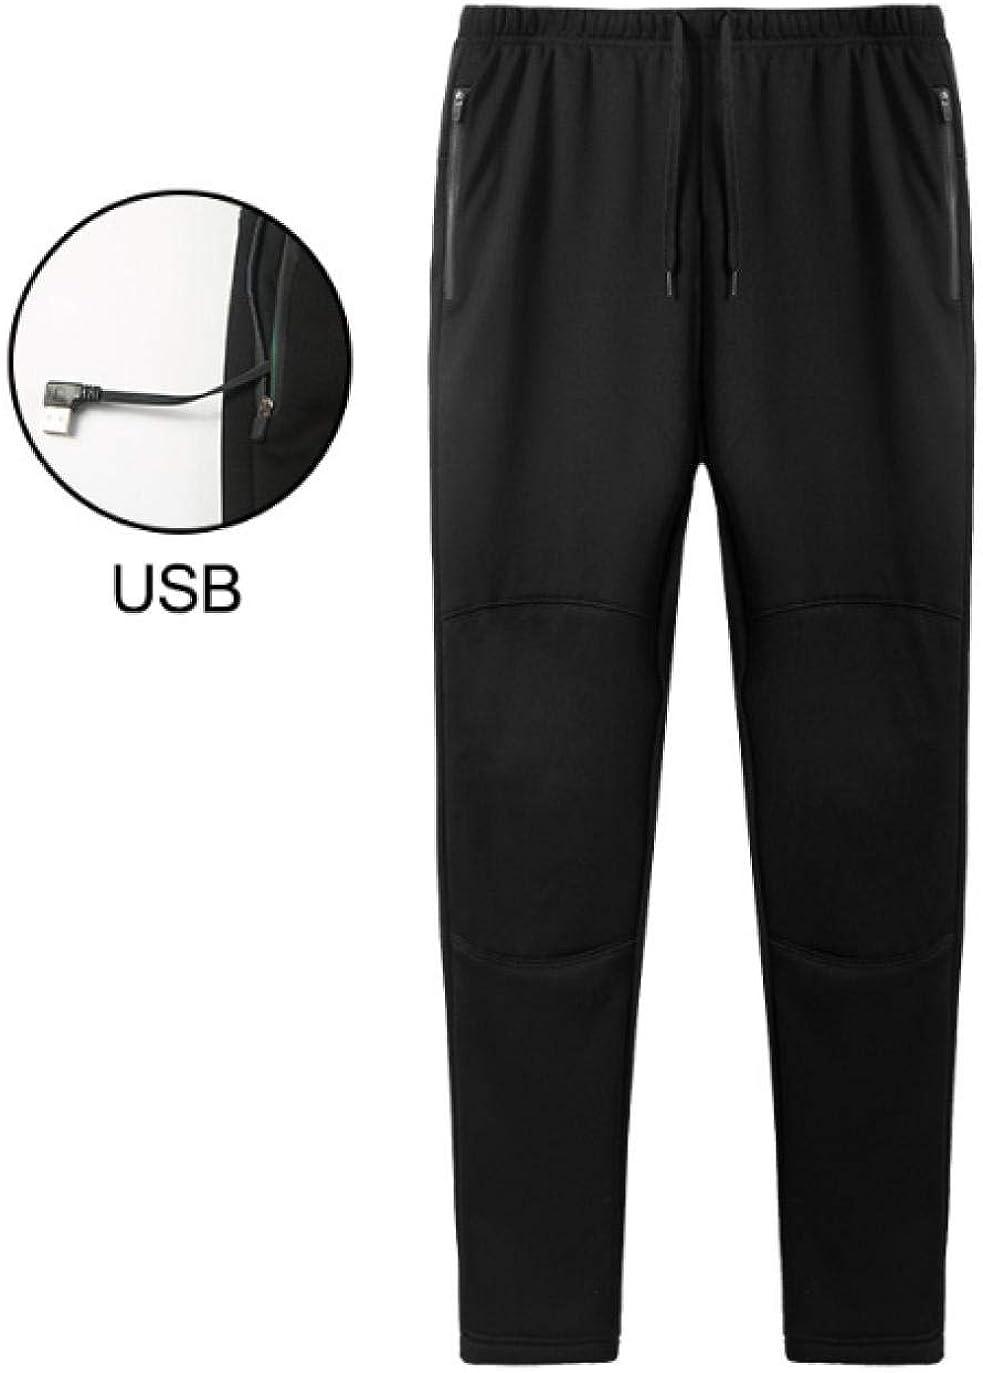 Meaeo Hiver Nouveau Pantalon Chaud Fat Slim 5V USB Chauffage Électrique Casual Pantalon pour Hommes Femmes Lavable Pantalon en Molleton S-5Xl Noir